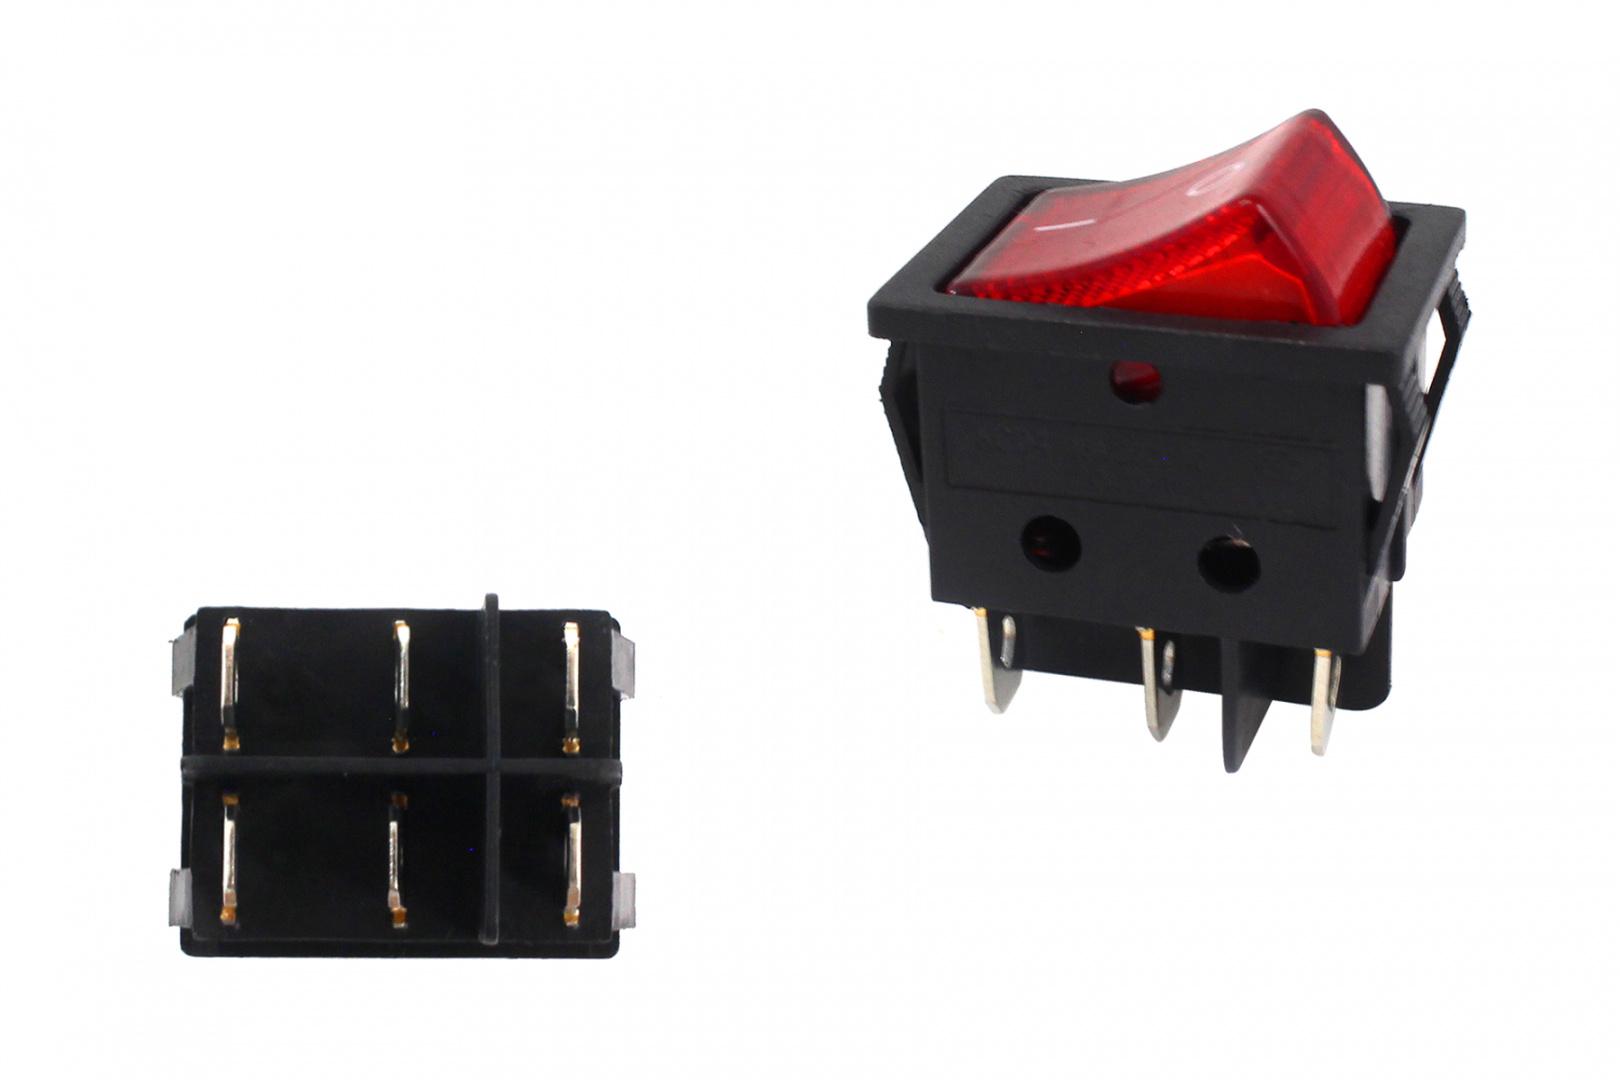 Włącznik rocker 6 PIN Red - GRUBYGARAGE - Sklep Tuningowy